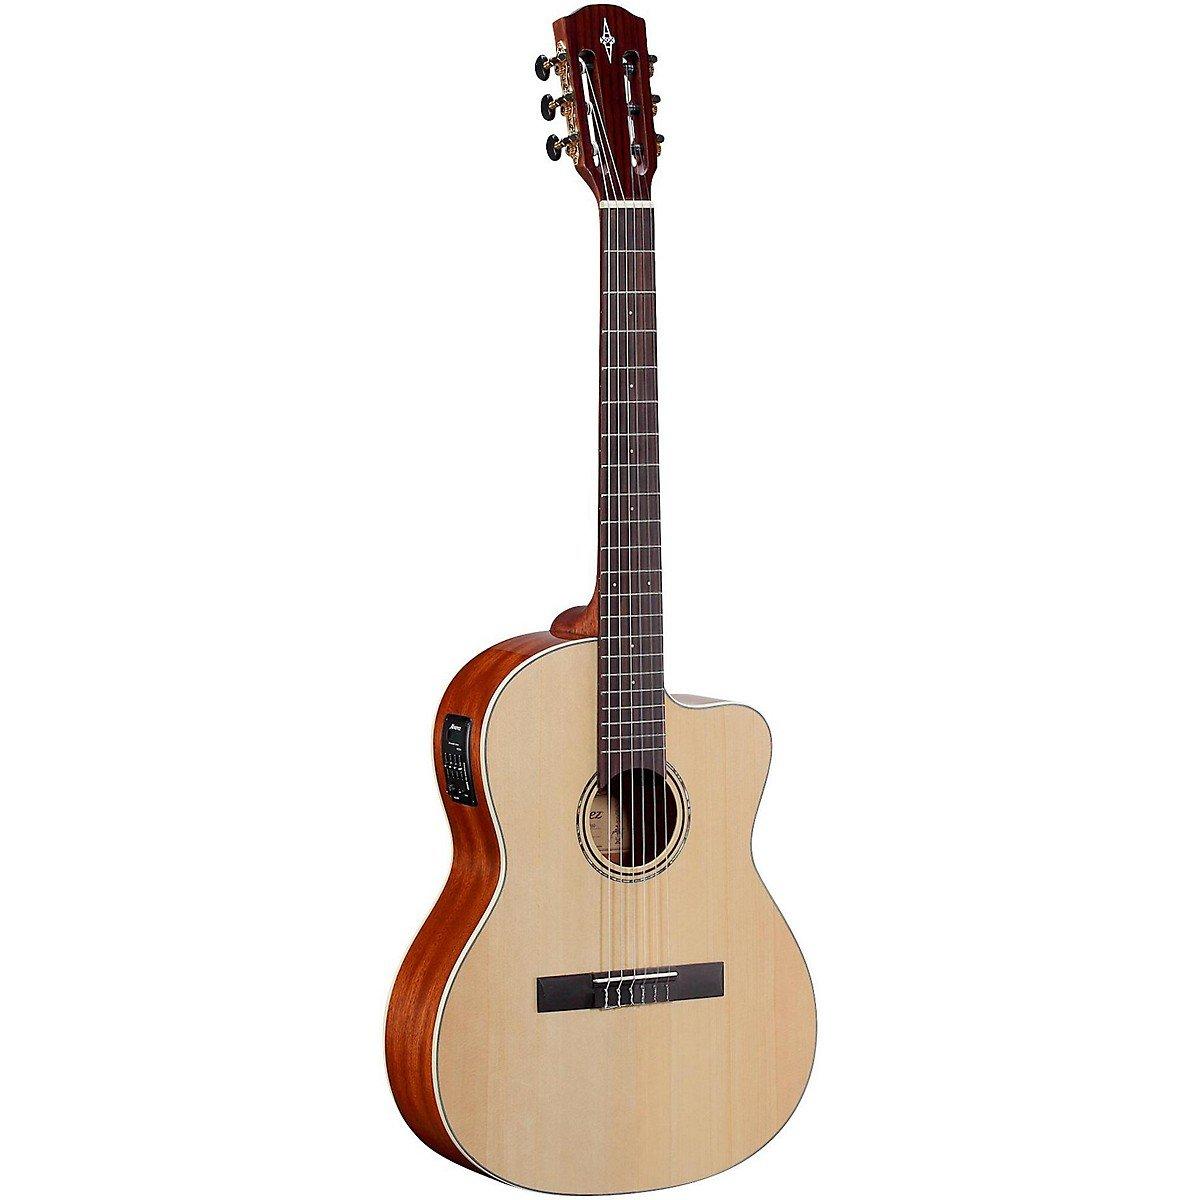 Alvarez - Guitarra acústica RC26HCE con funda incluida, color madera natural: Amazon.es: Instrumentos musicales